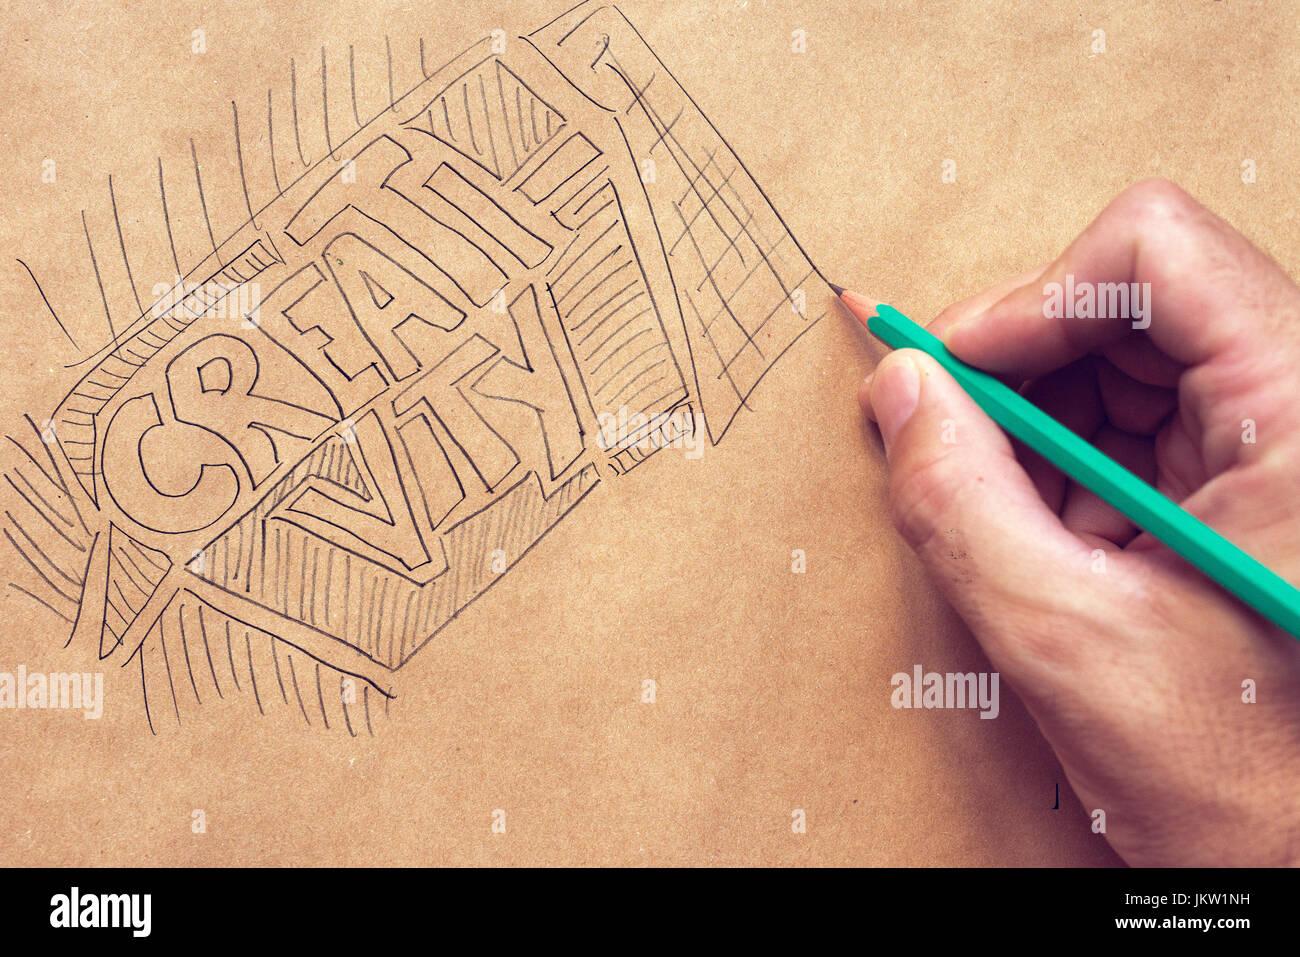 La creatividad en el diseño gráfico, la ilustración y la escritura con lápiz y mano macho Imagen De Stock